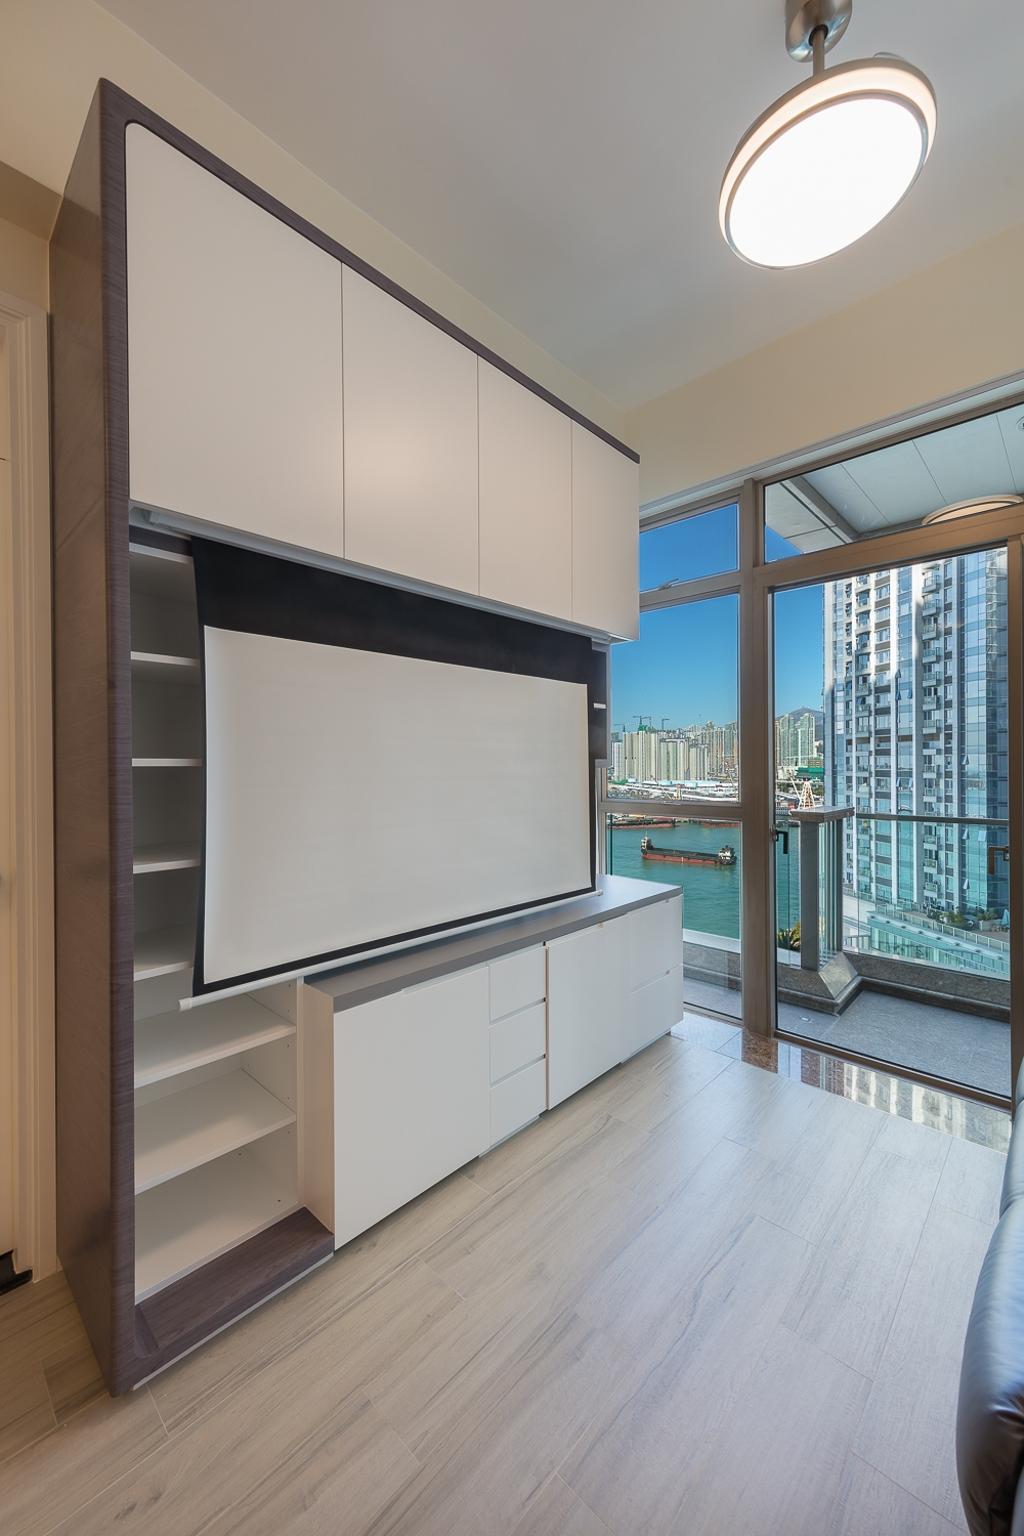 摩登, 私家樓, 客廳, 一號銀海, 室內設計師, 和生設計